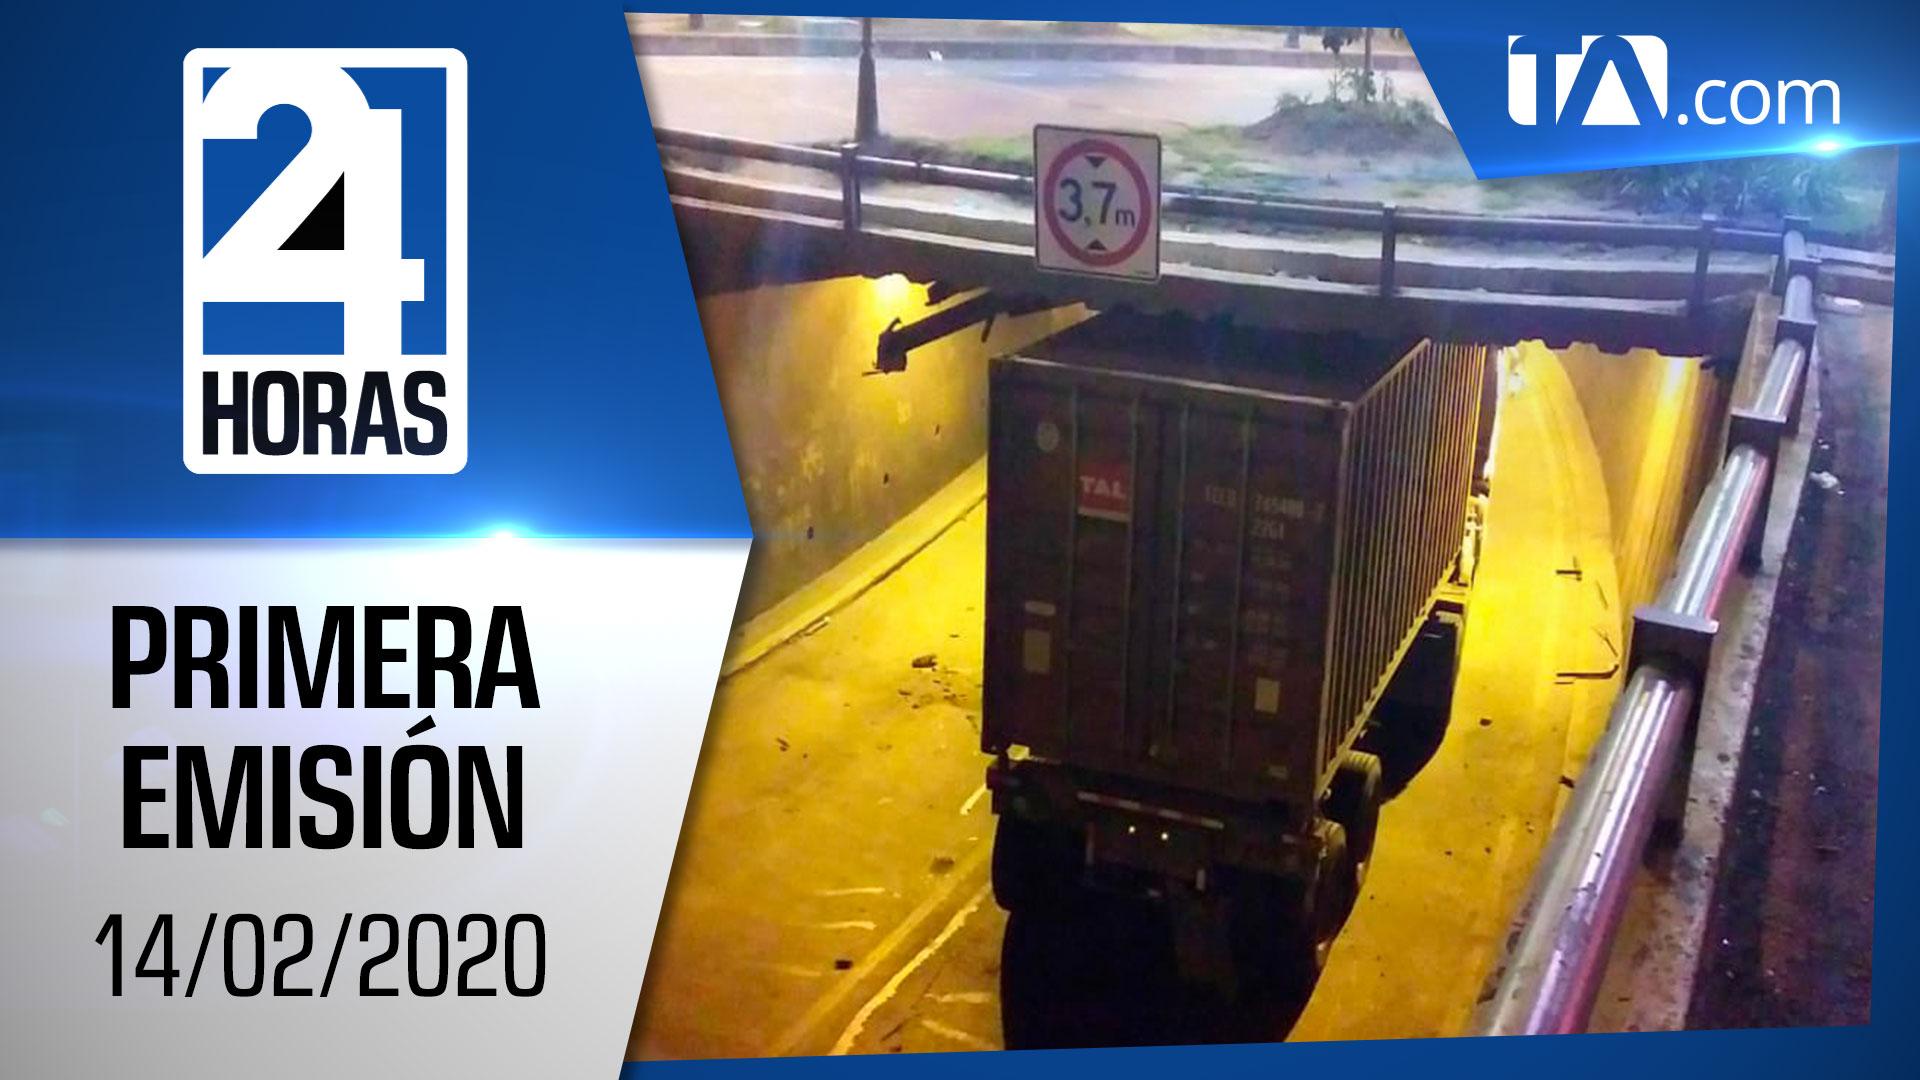 Noticias Ecuador: Noticiero 24 Horas 14/02/2020 (Primera Emisión)